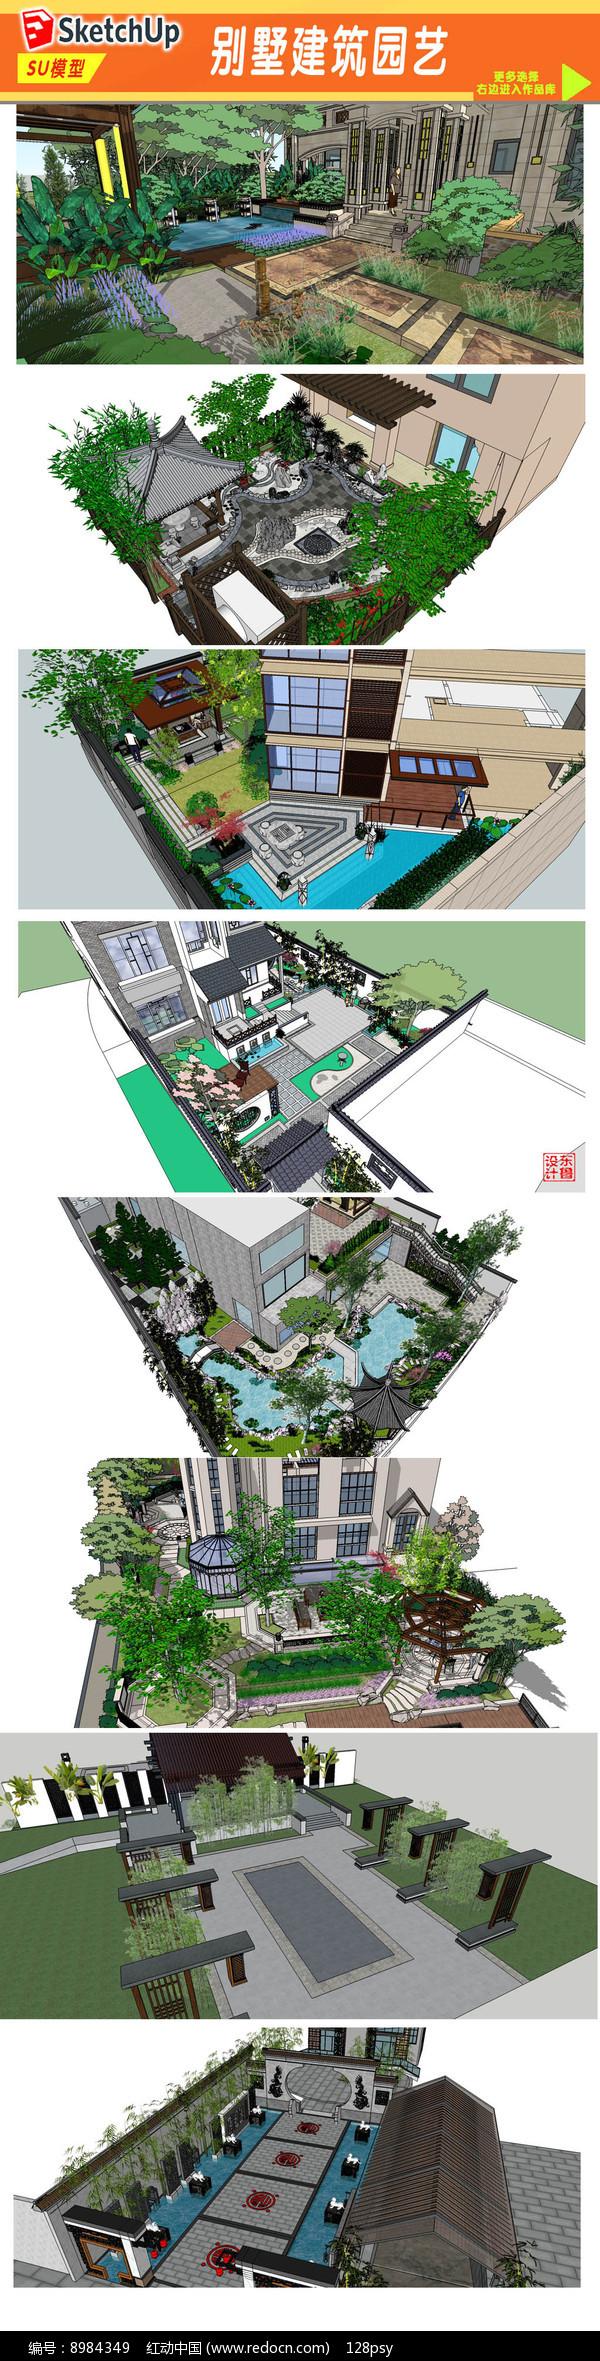 园林别墅建筑设计模型图片